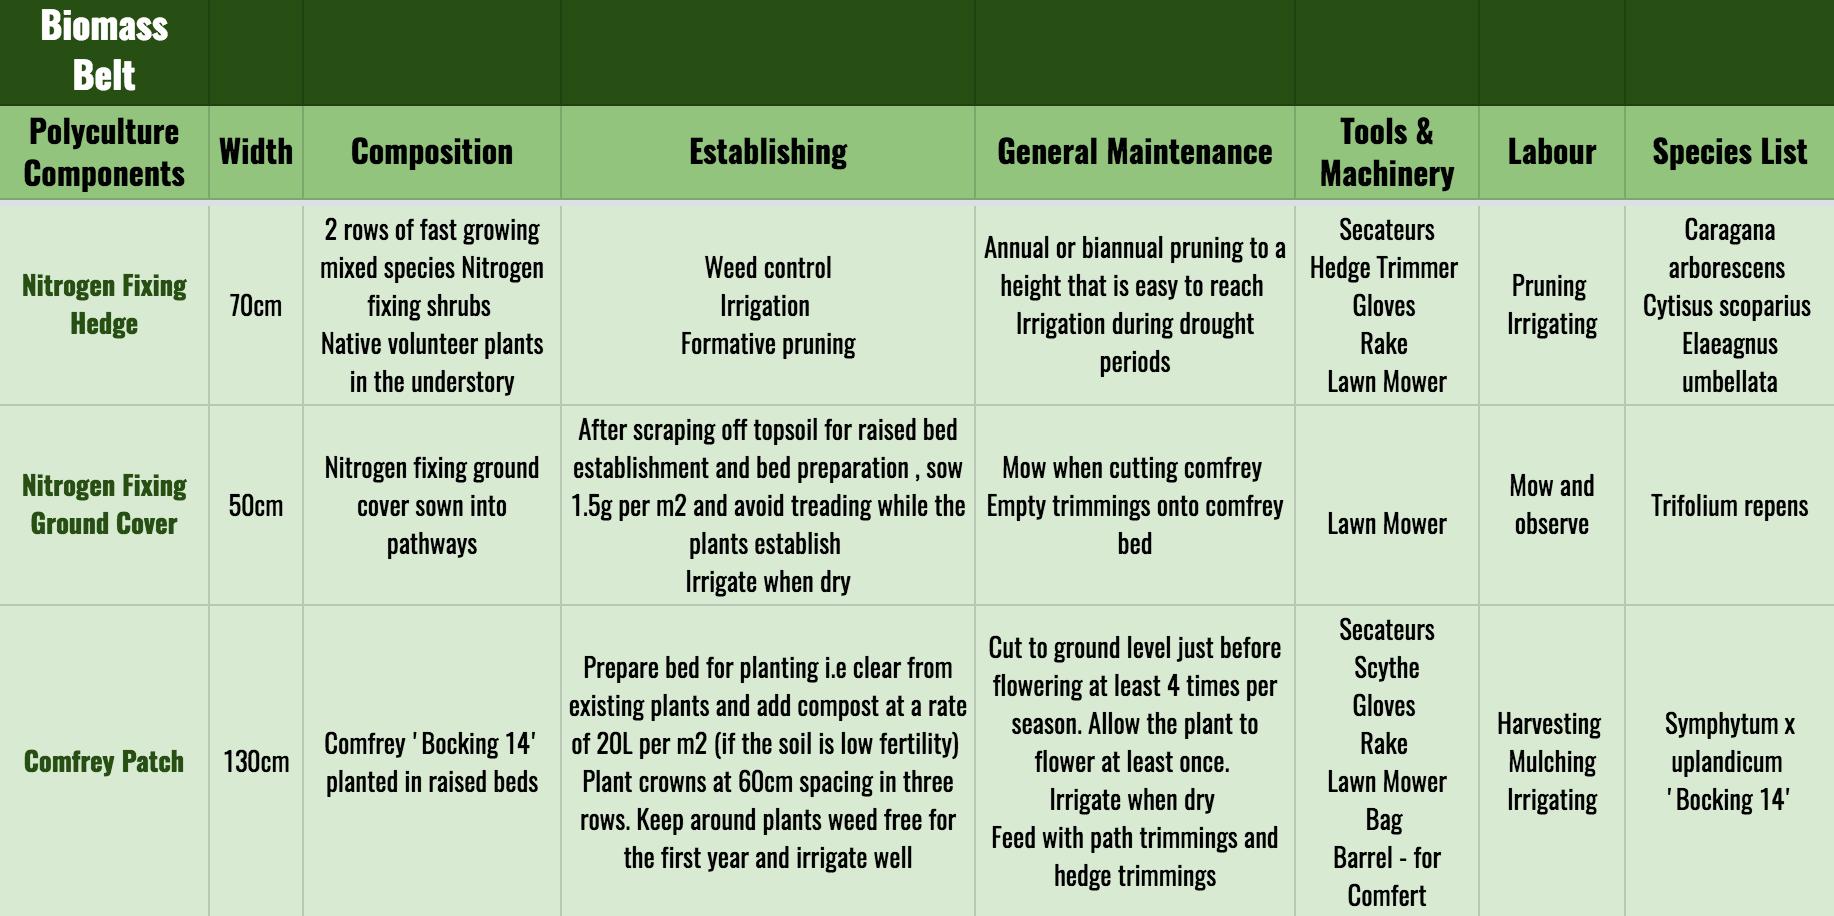 MPP - Biomass Belt - Enki : Biomass Belt Overview.